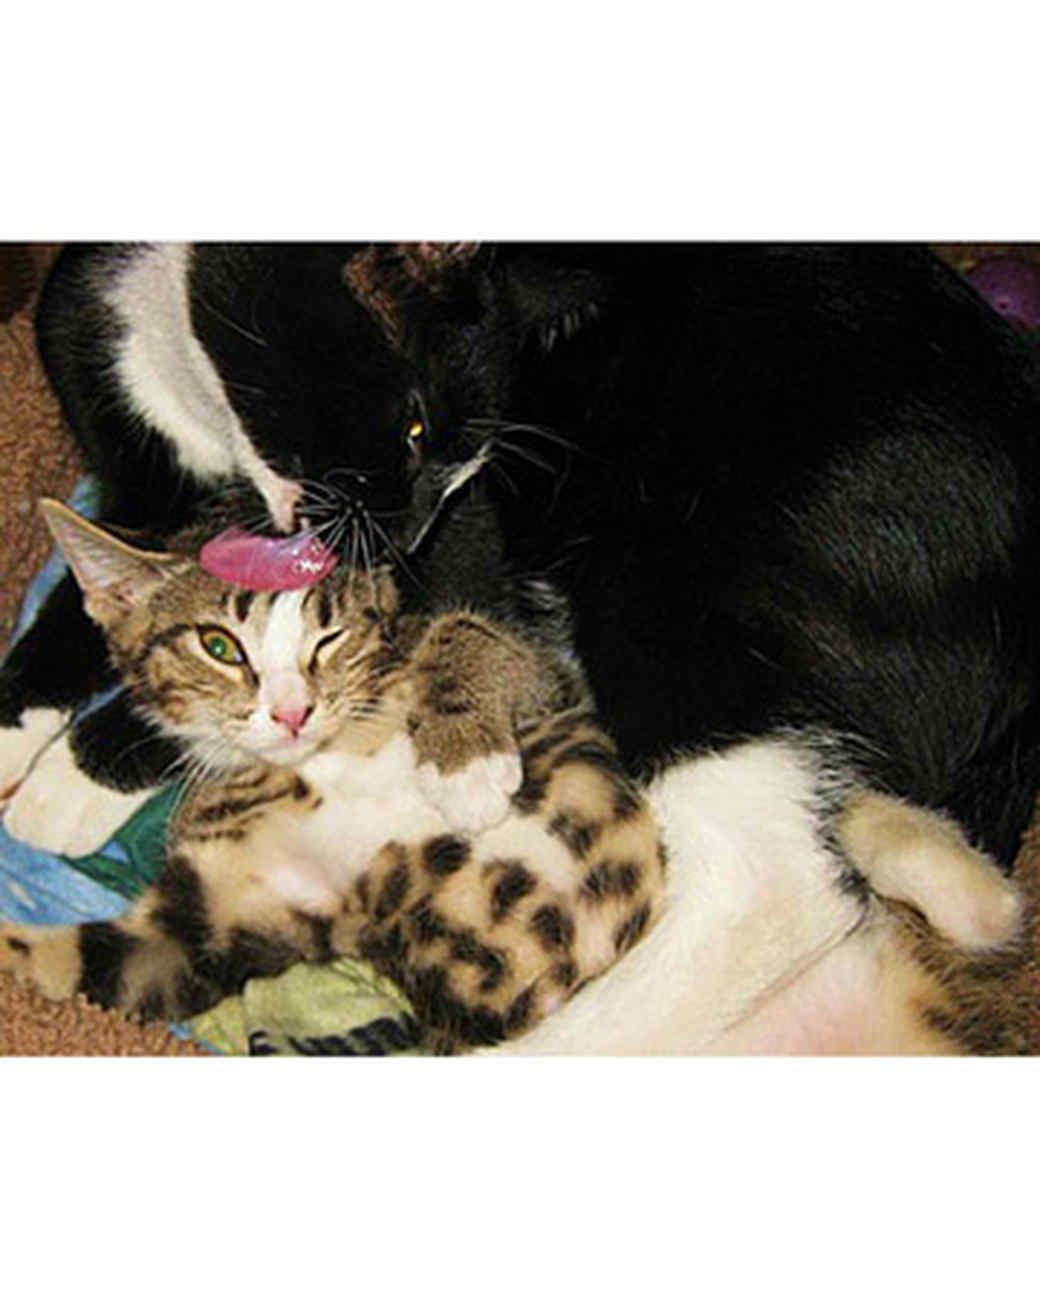 pets_kittens_0710_9773155_24025738.jpg